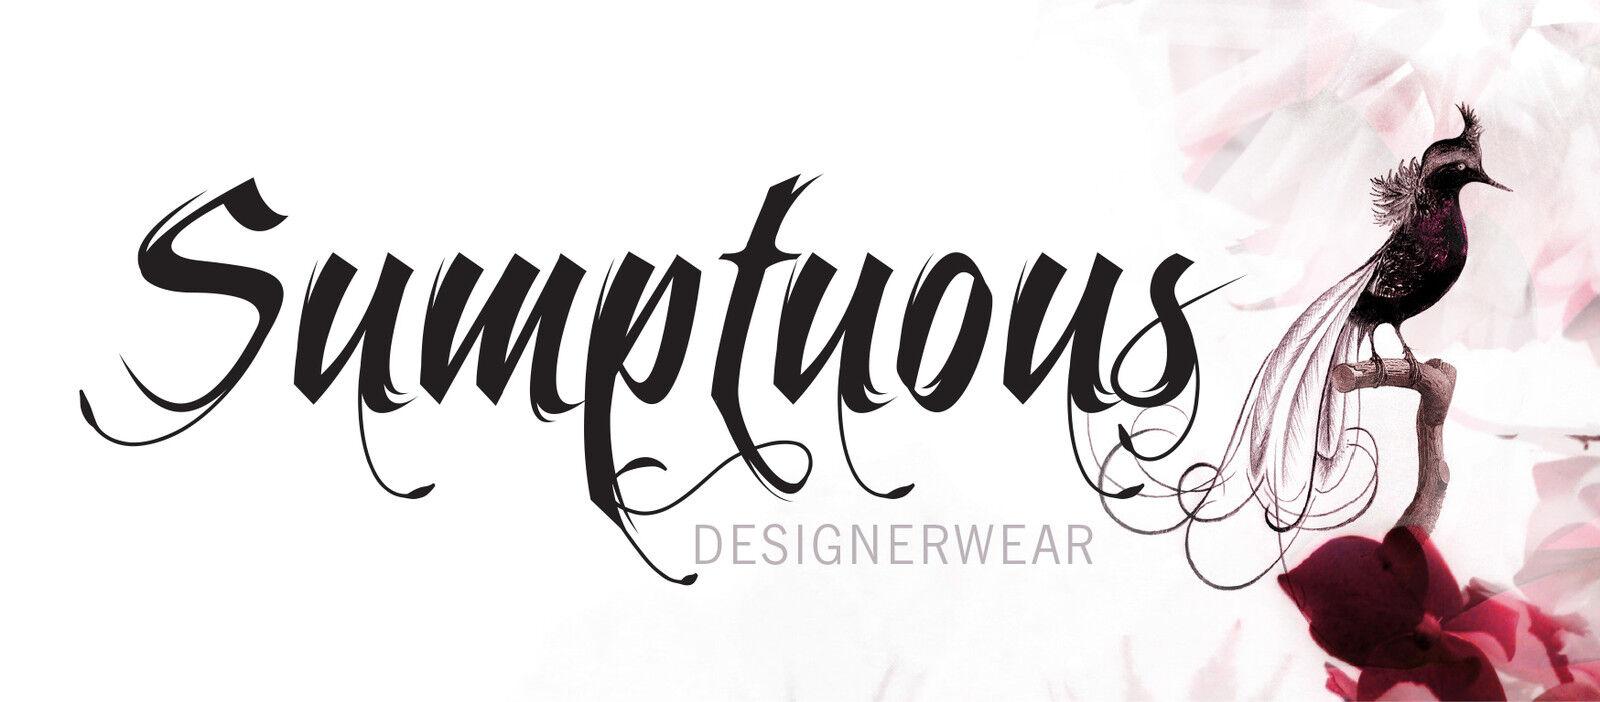 Sumptuous Designerwear